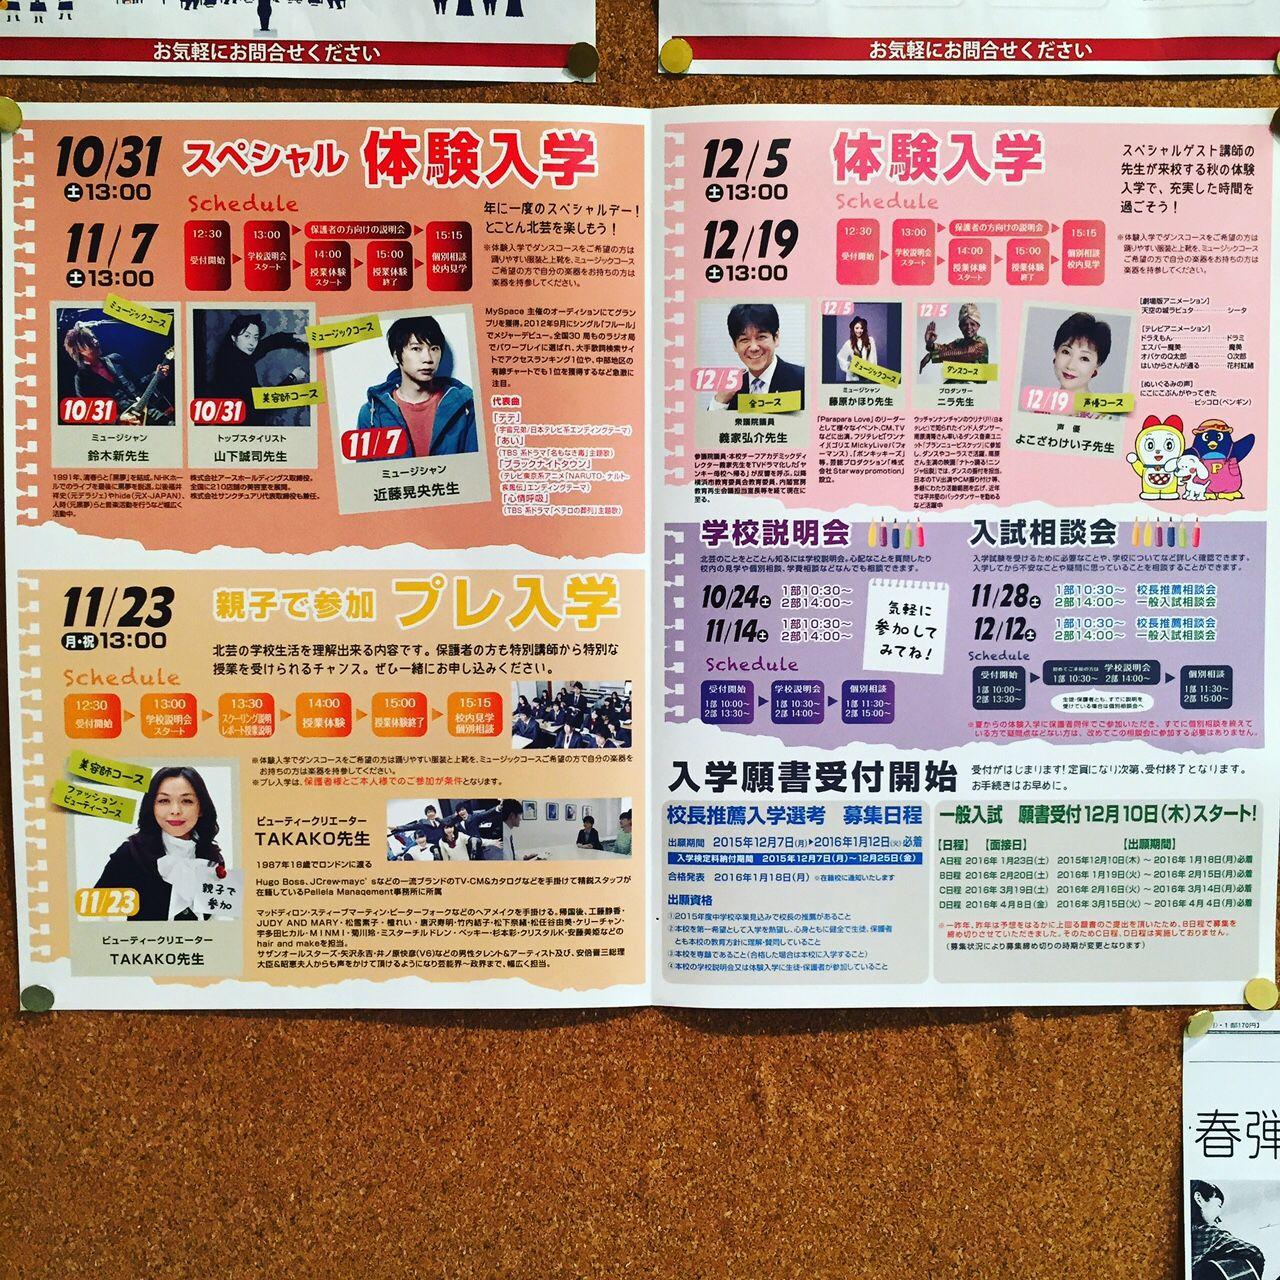 北海道芸術高等学校 名古屋サテライトキャンパスから 体験入学の案内が届きました〜 http://www.hokugei.jp/campus/nagoya/